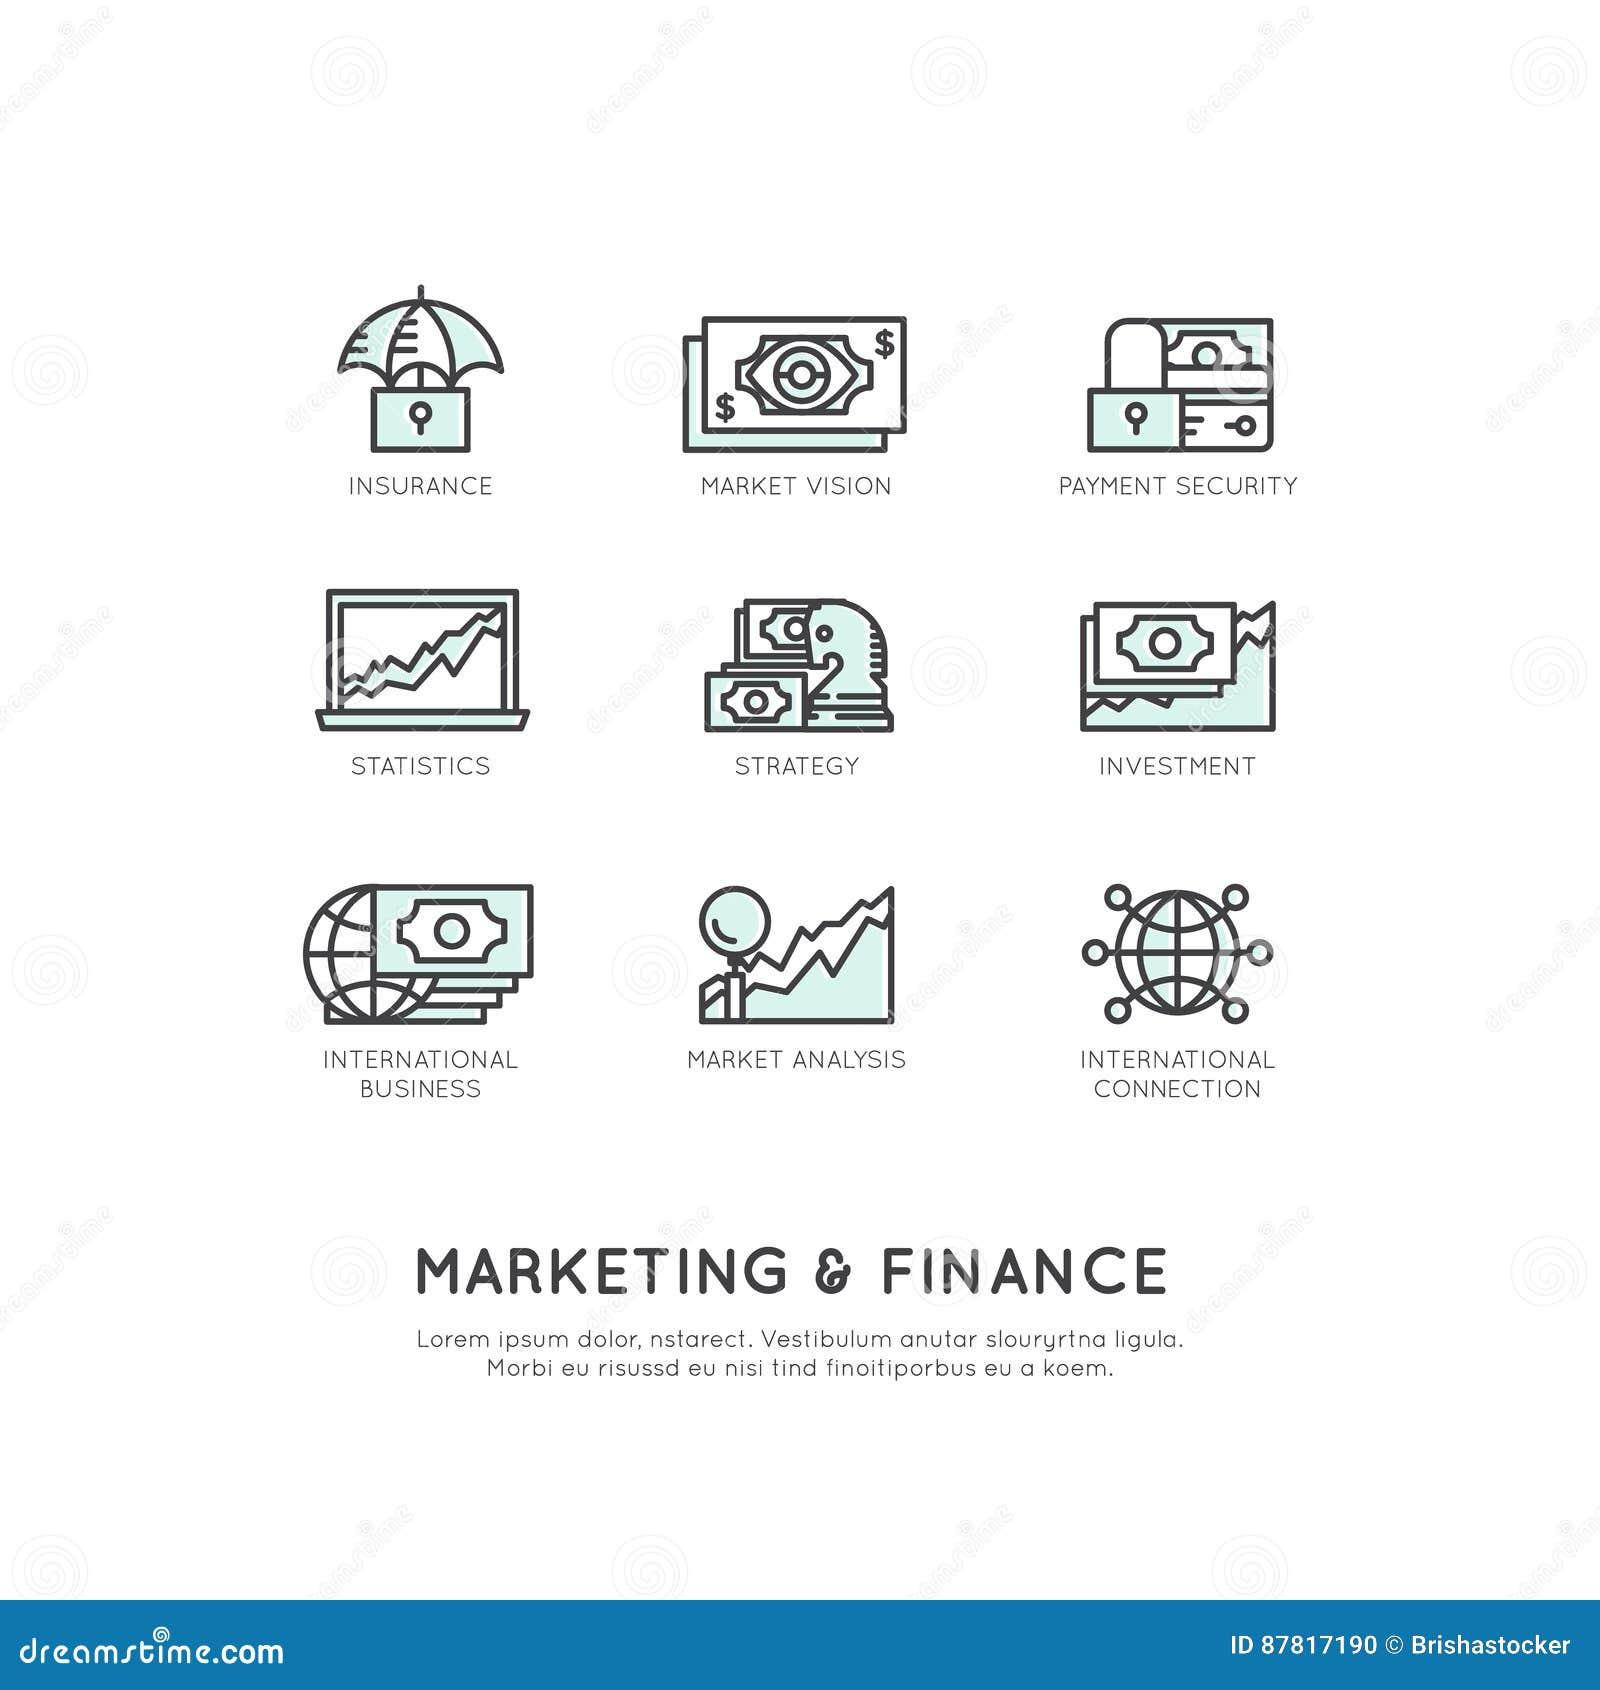 Illustration des Marketings und der Finanzierung, Geschäfts-Vision, Investition, Management-Prozess, Finanzjob, Einkommen, Einkom